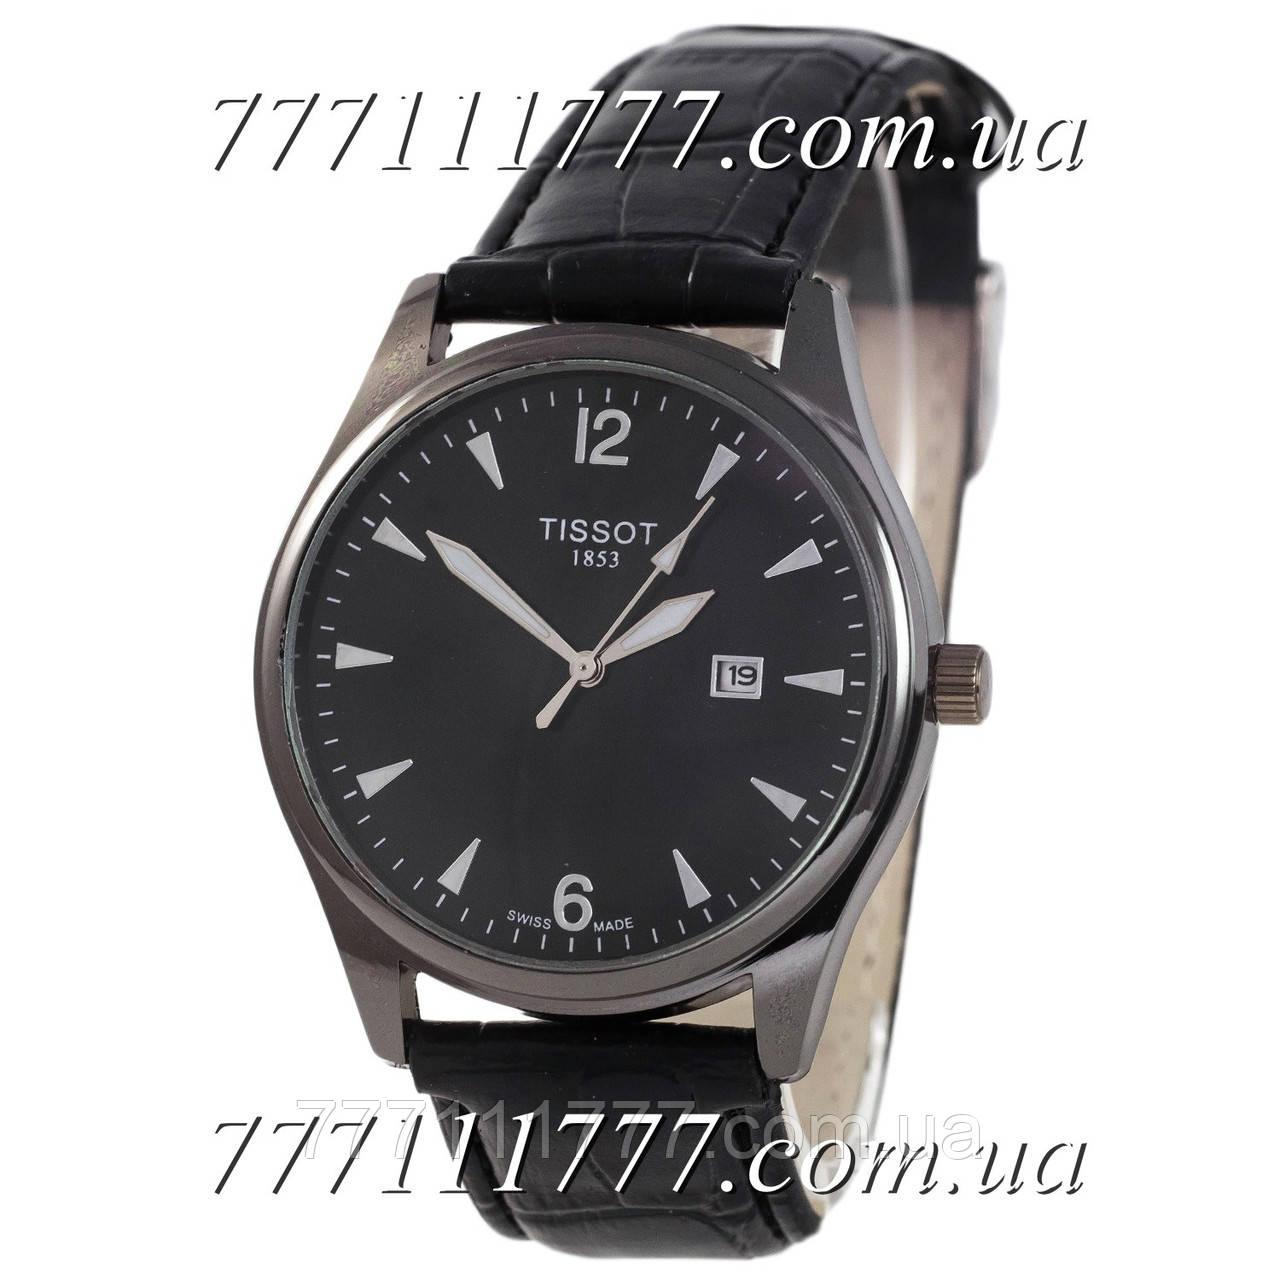 Часы наручные tissot 1853 цена часы тиссот купить екатеринбург